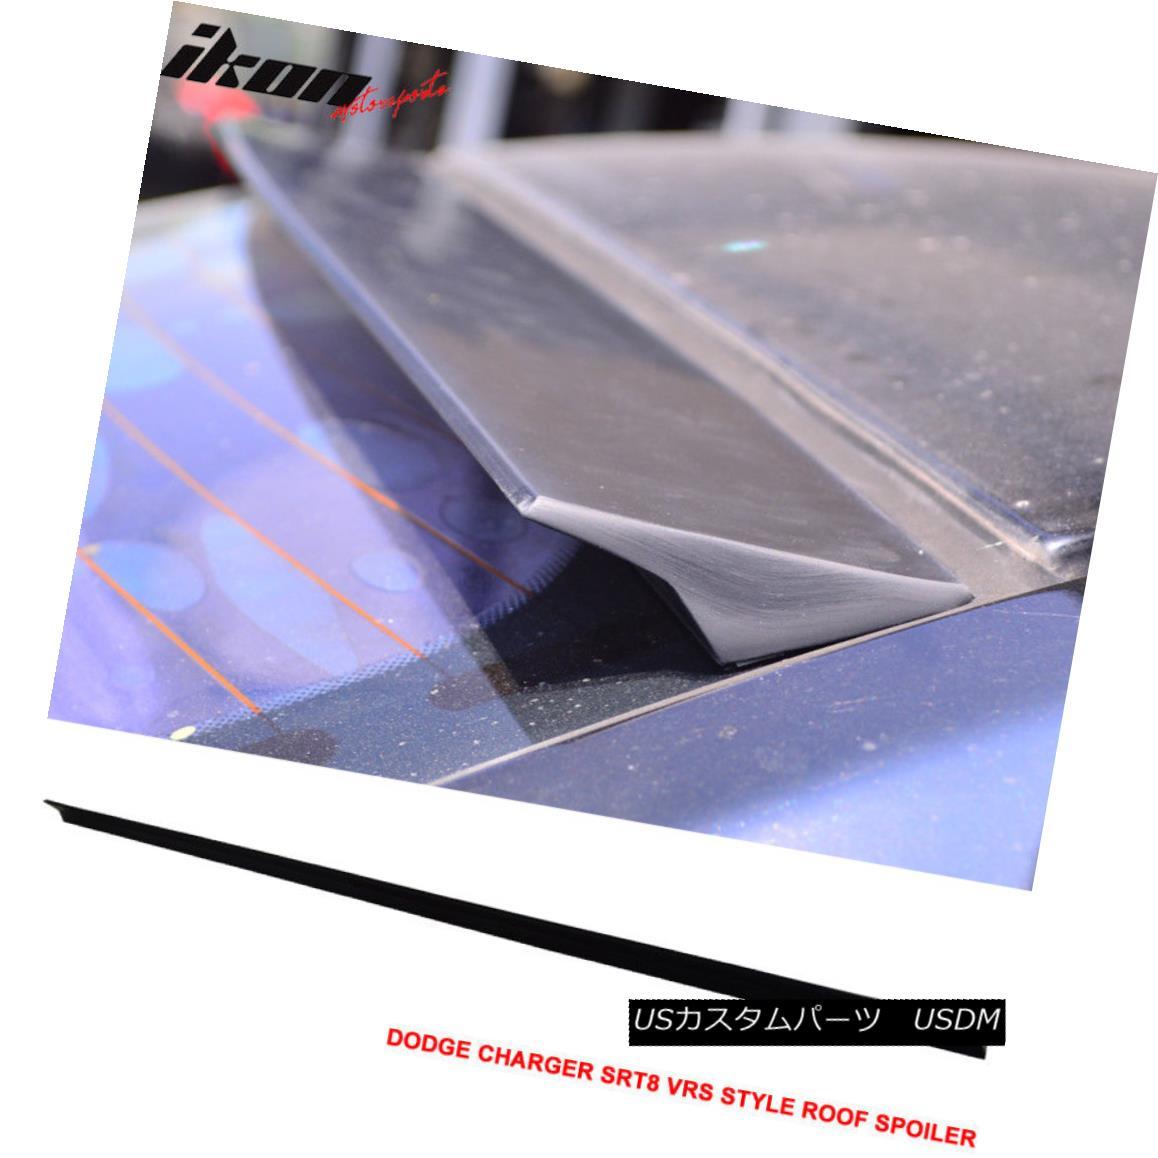 エアロパーツ 11-16 Dodge Charger SRT8 2nd VRS Style Roof Spoiler Unpainted Black - PUF 11-16ドッジ充電器SRT8第2のVRSスタイルルーフスポイラー無塗装黒 - PUF